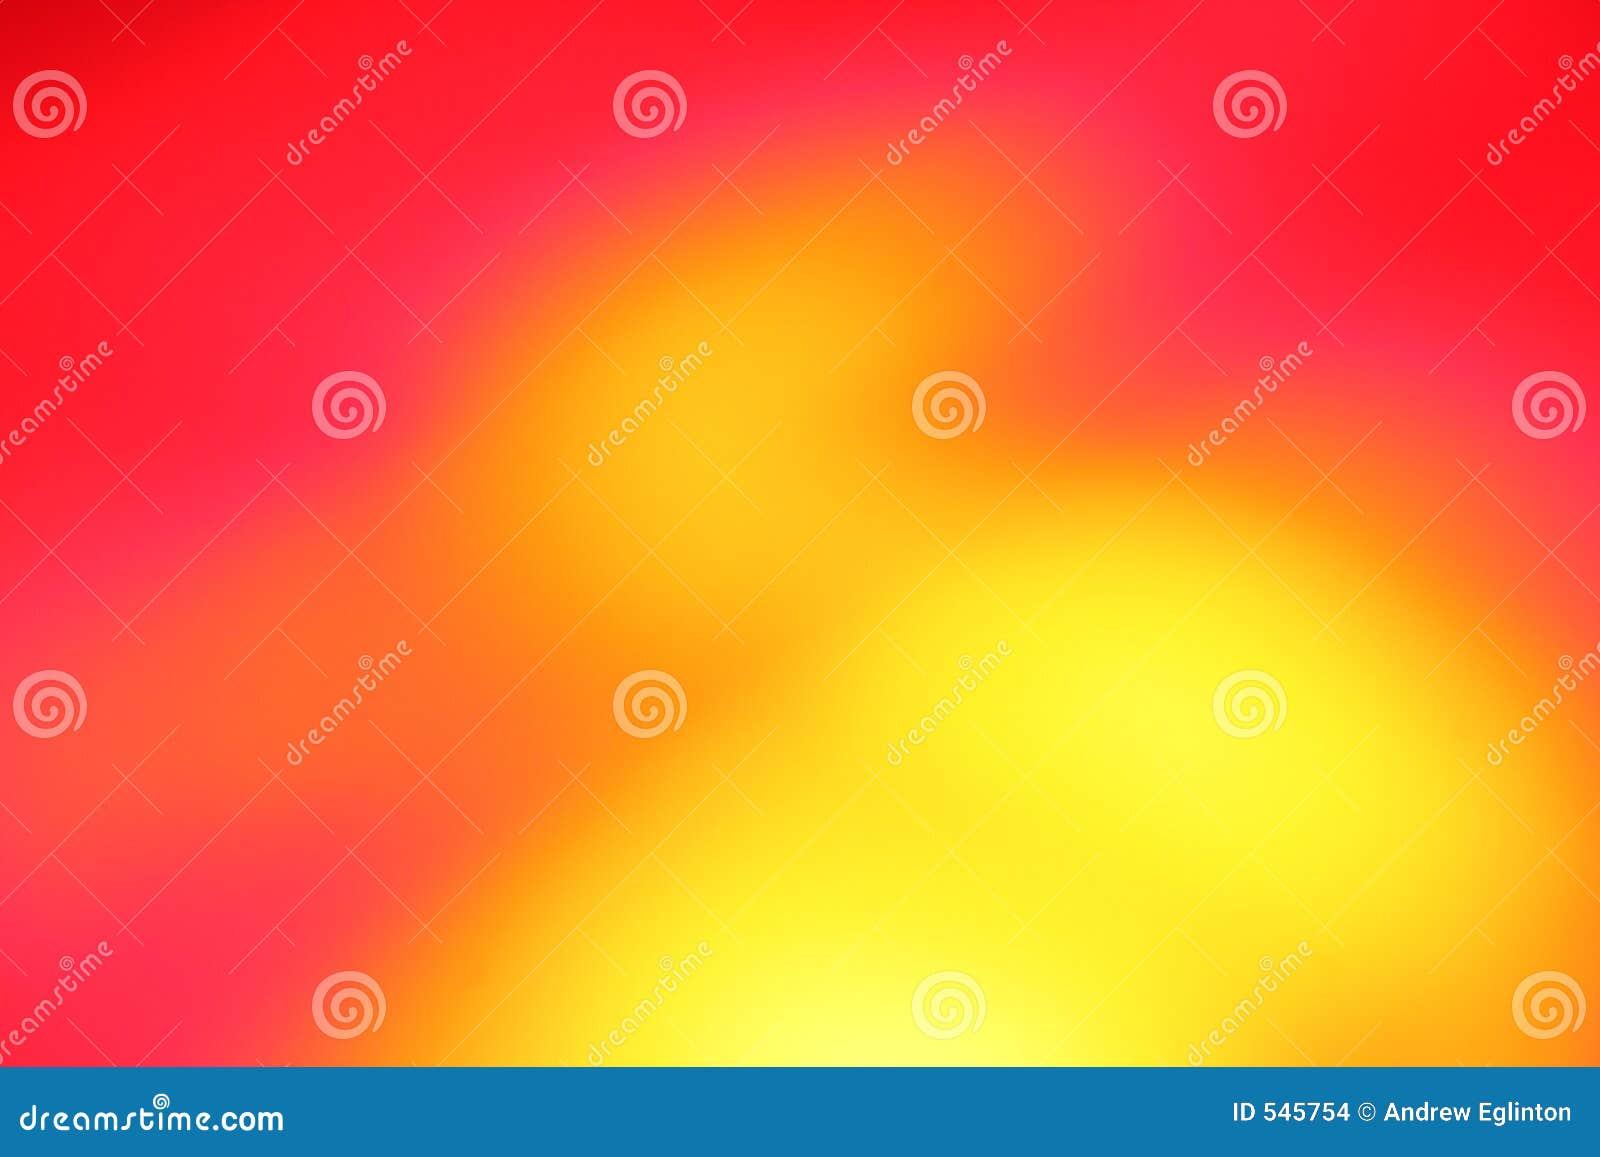 Fondo Rosado, Rojo Y Amarillo Brillante Imagenes De